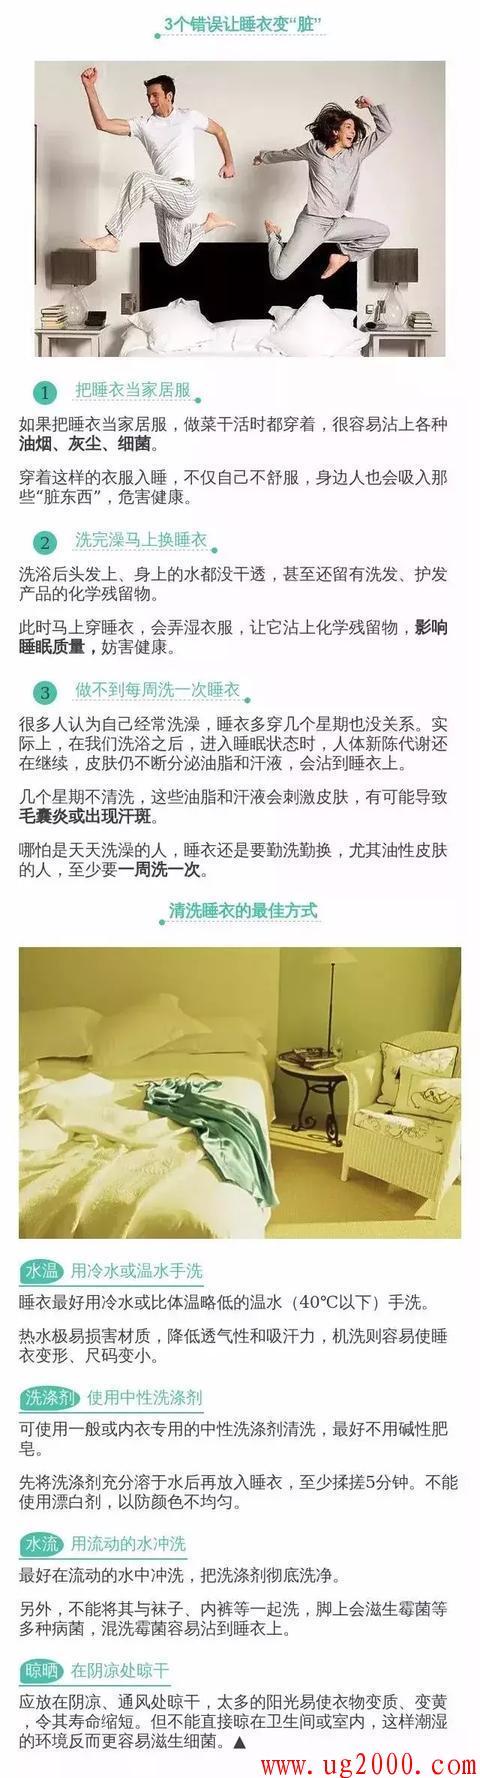 梦之城娱乐手机客户端下载_睡衣多久洗一次?超过这个时间会患病